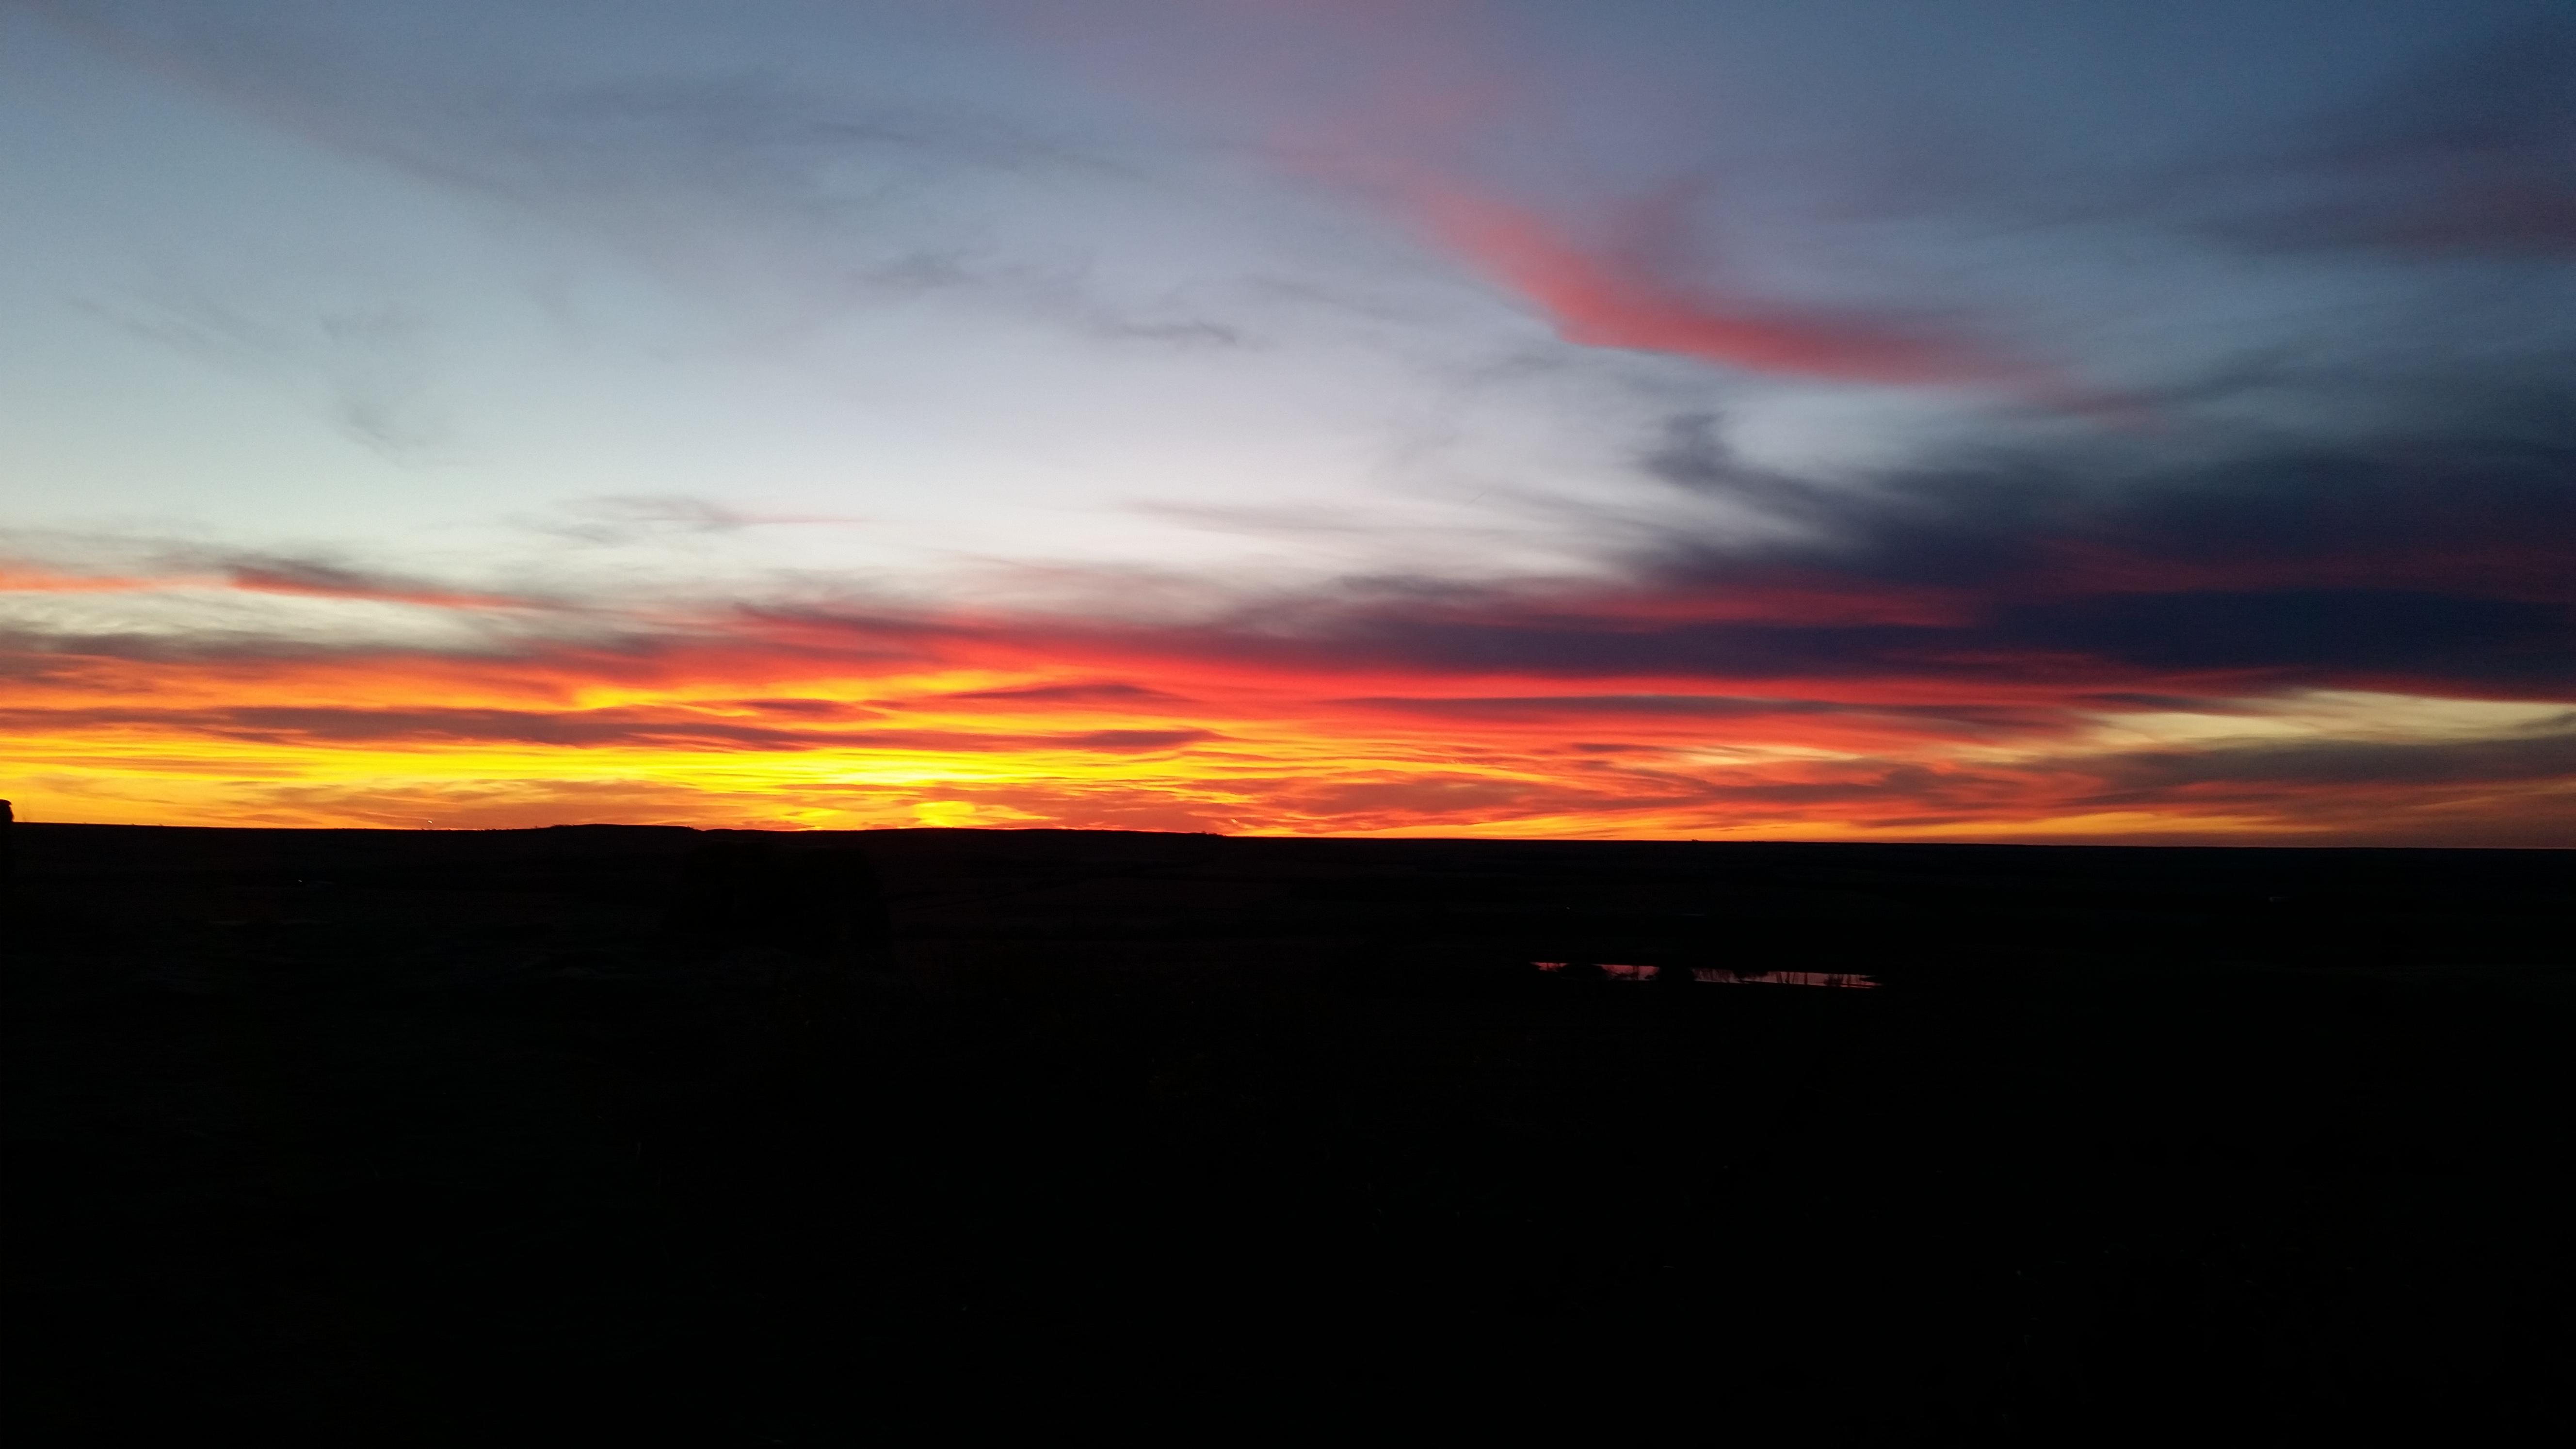 Sunset, photos